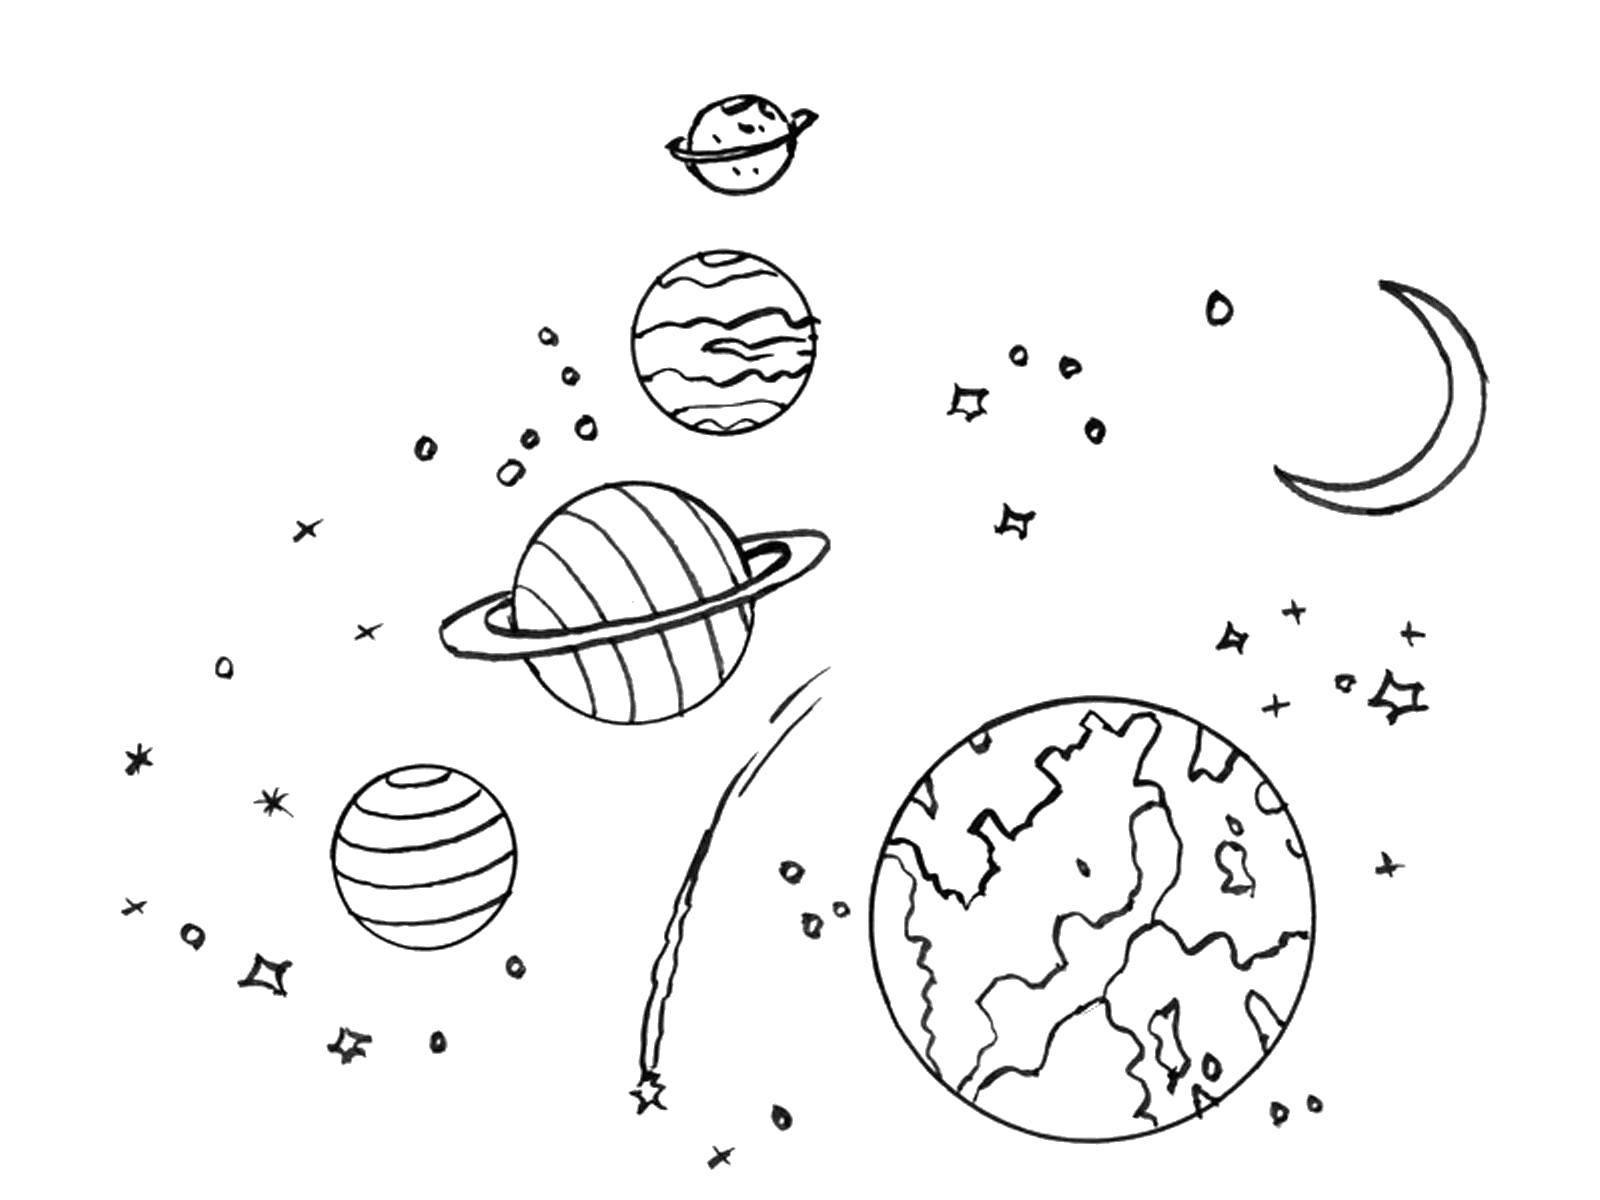 Картинки с планетами солнечной системы детям раскраска